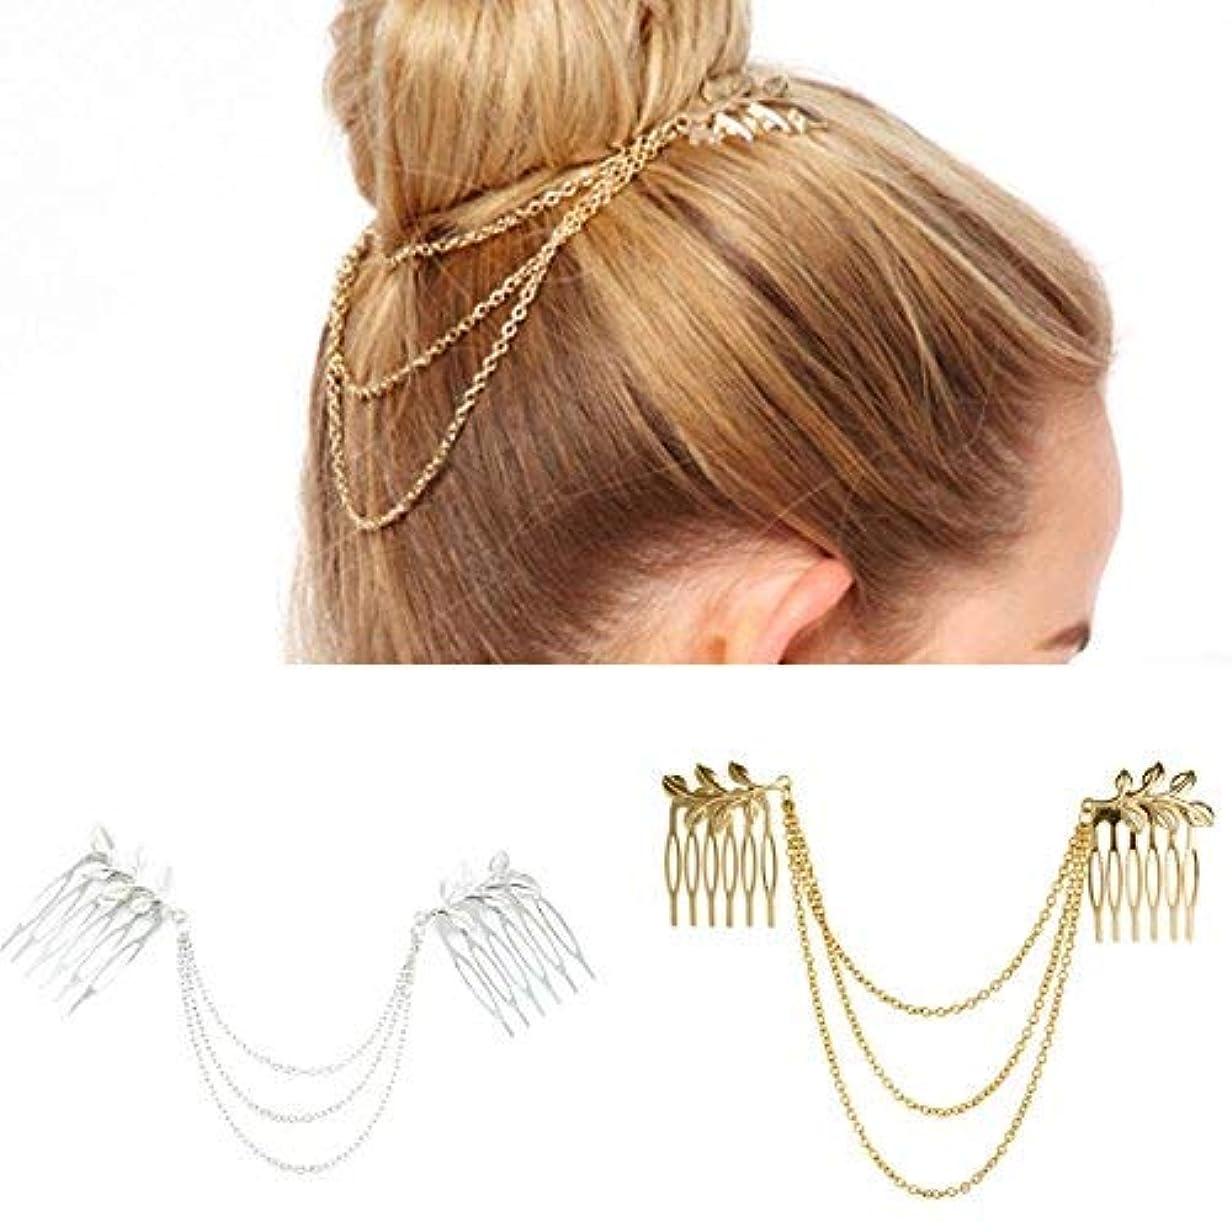 福祉無法者合図Numblartd 2 Pcs Women BOHO Chic Metal Leaf Chain Tassel Headband Hair Comb - Fashion Fringe Hair Clip Pins Hairpin...